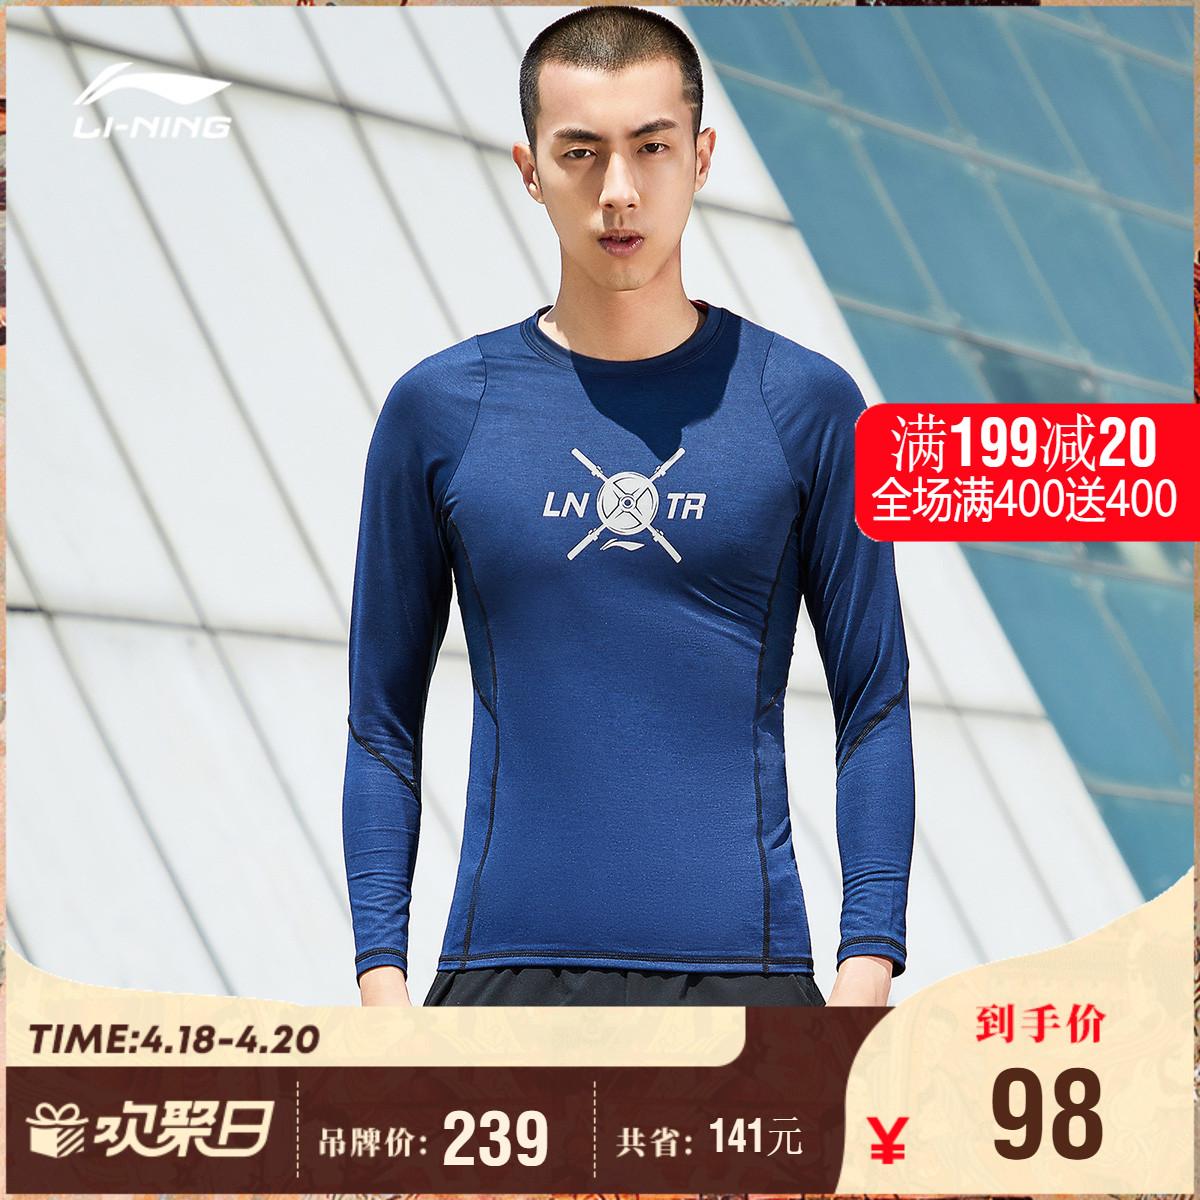 李宁健身衣男士新款专业训练服速干弹力上衣夏季紧身针织运动服